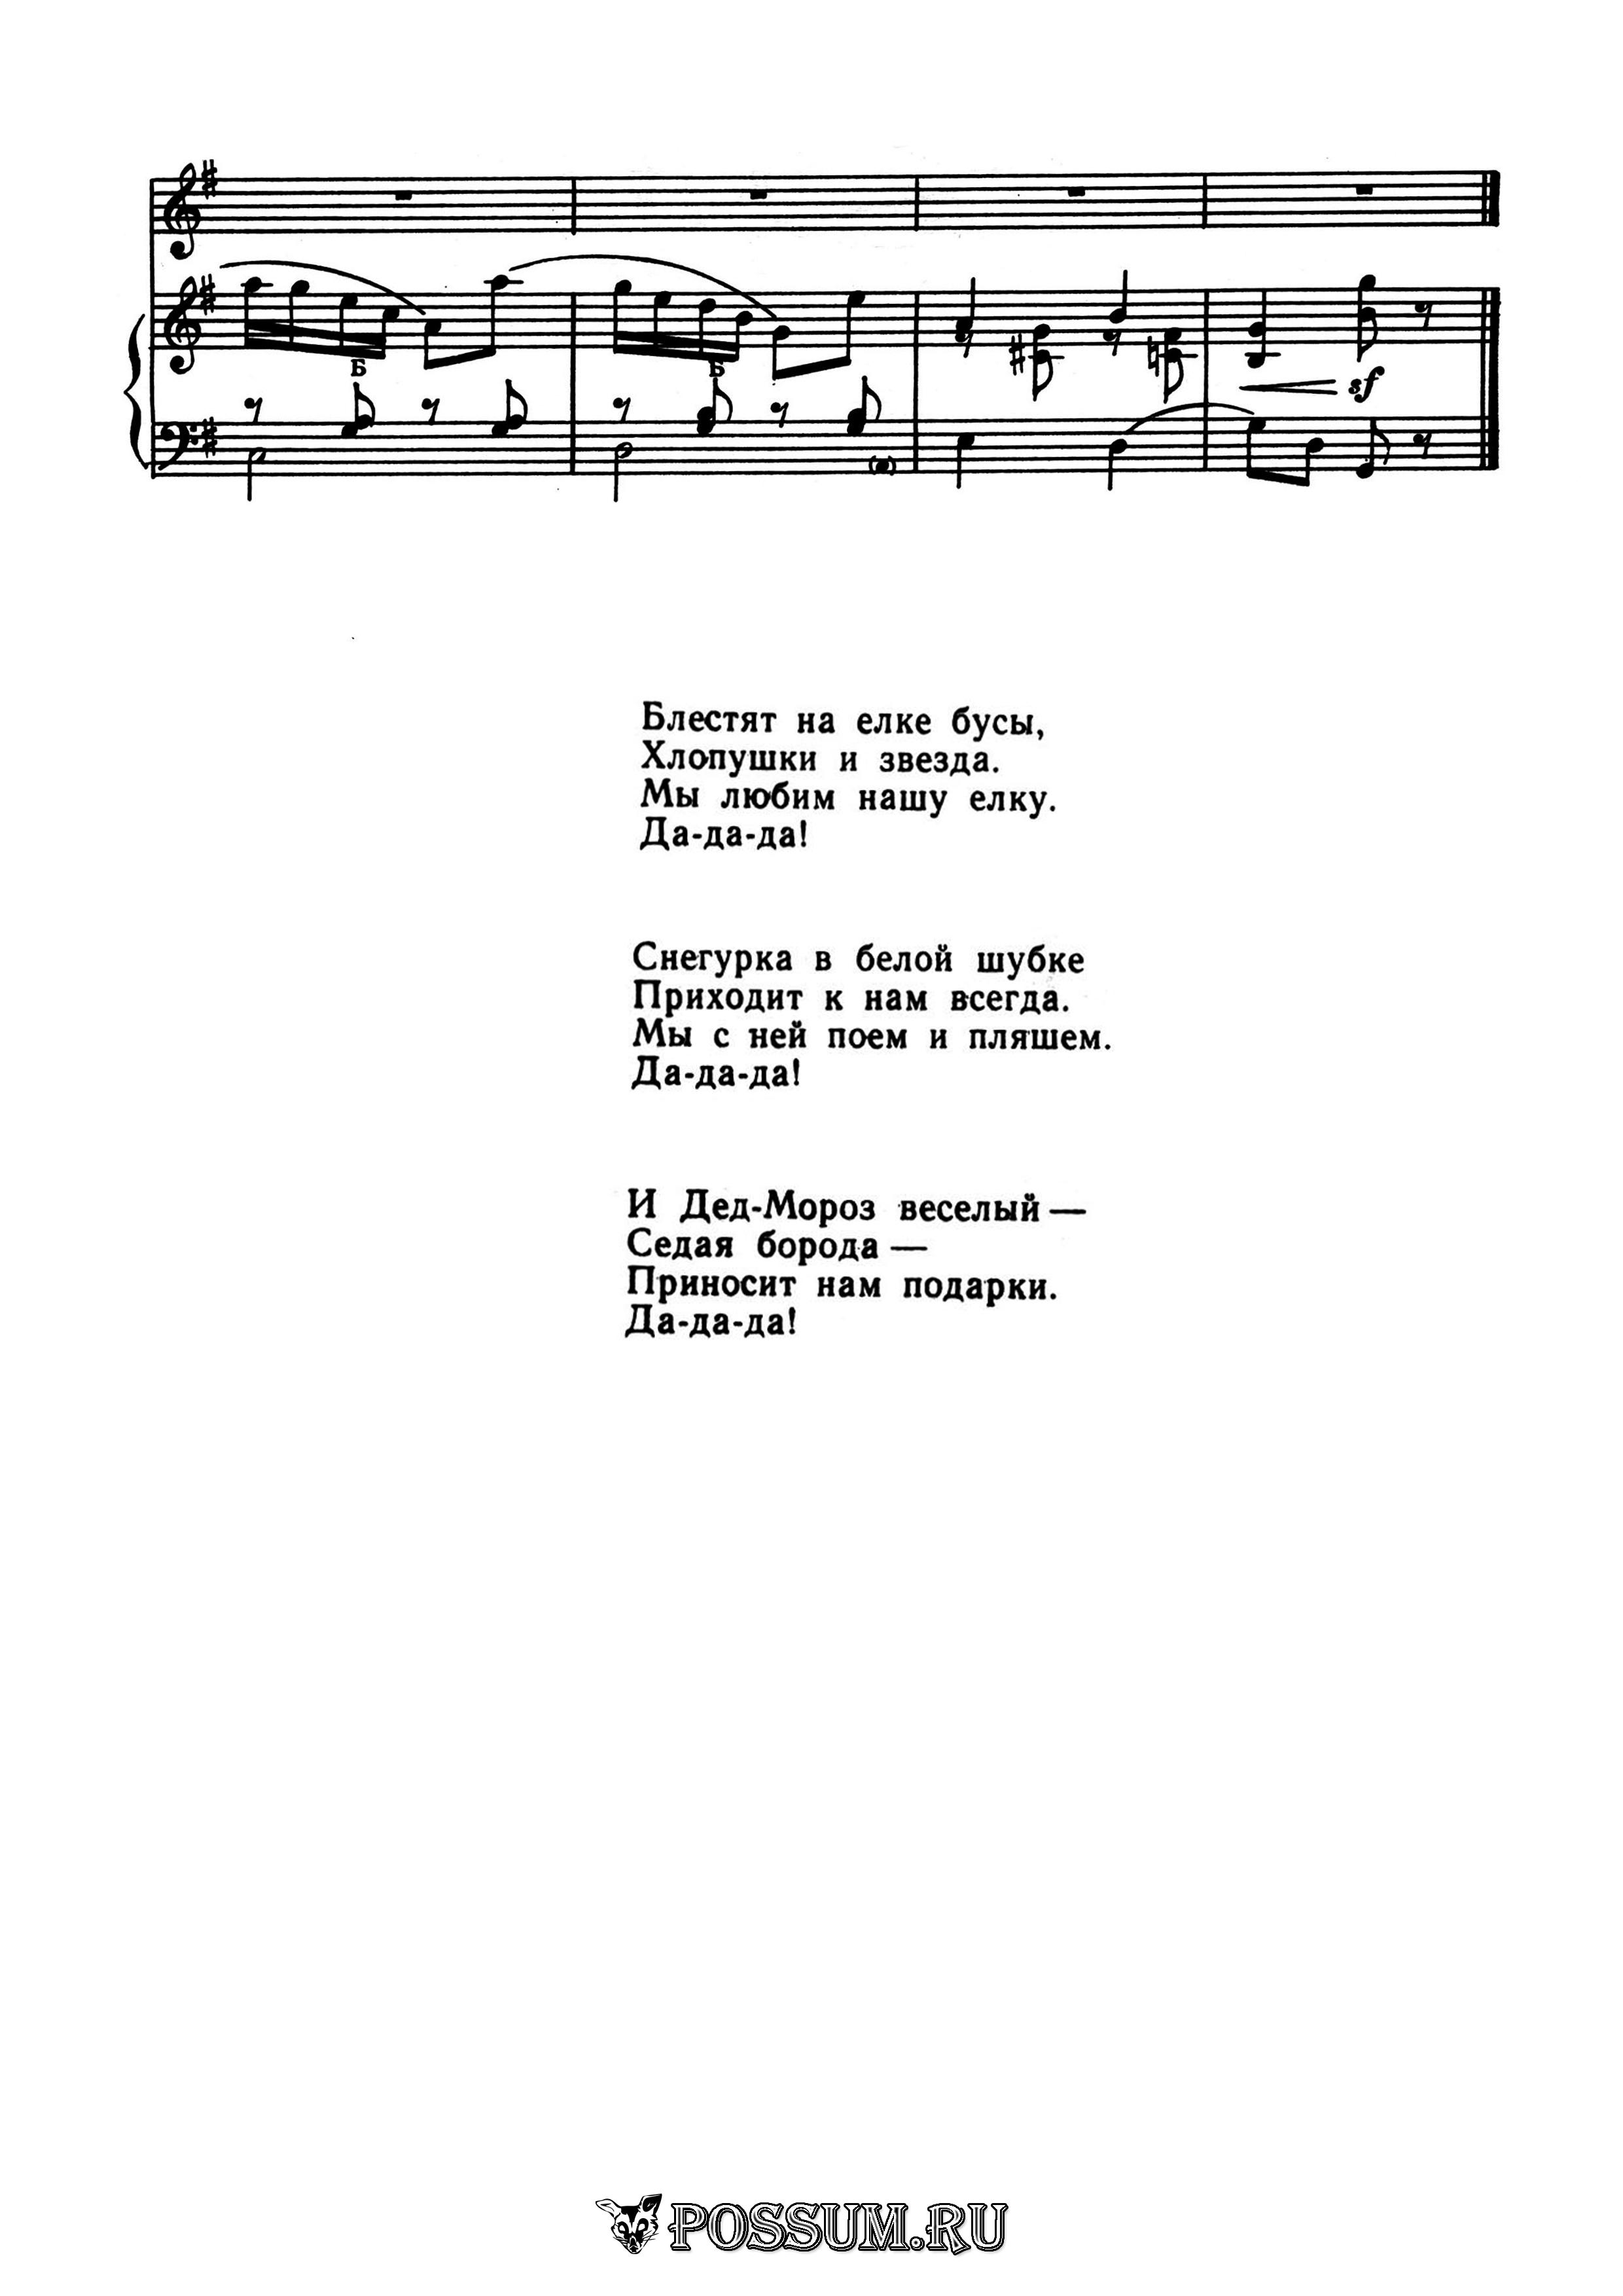 Песни военных лет скачать бесплатно mp3 минус